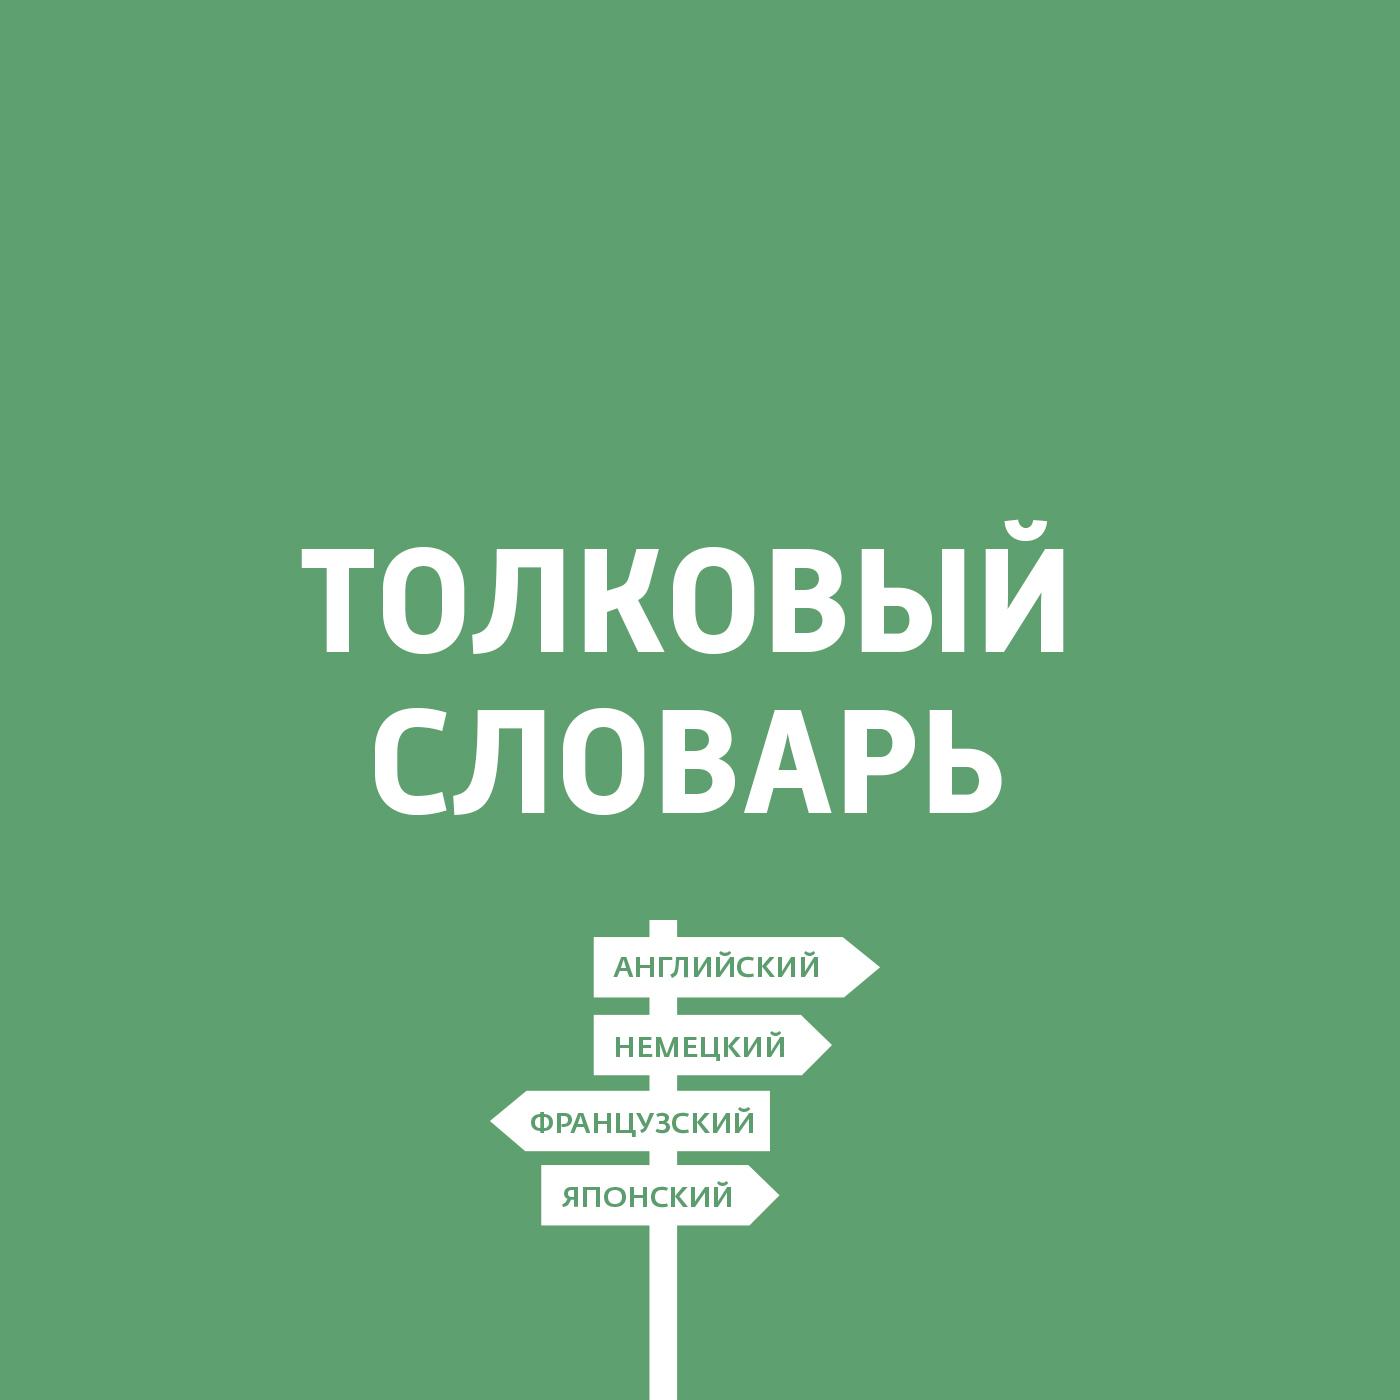 Дмитрий Петров Наука «психолингвистика», или о чем говорит наша речь? социальная психолингвистика хрестоматия